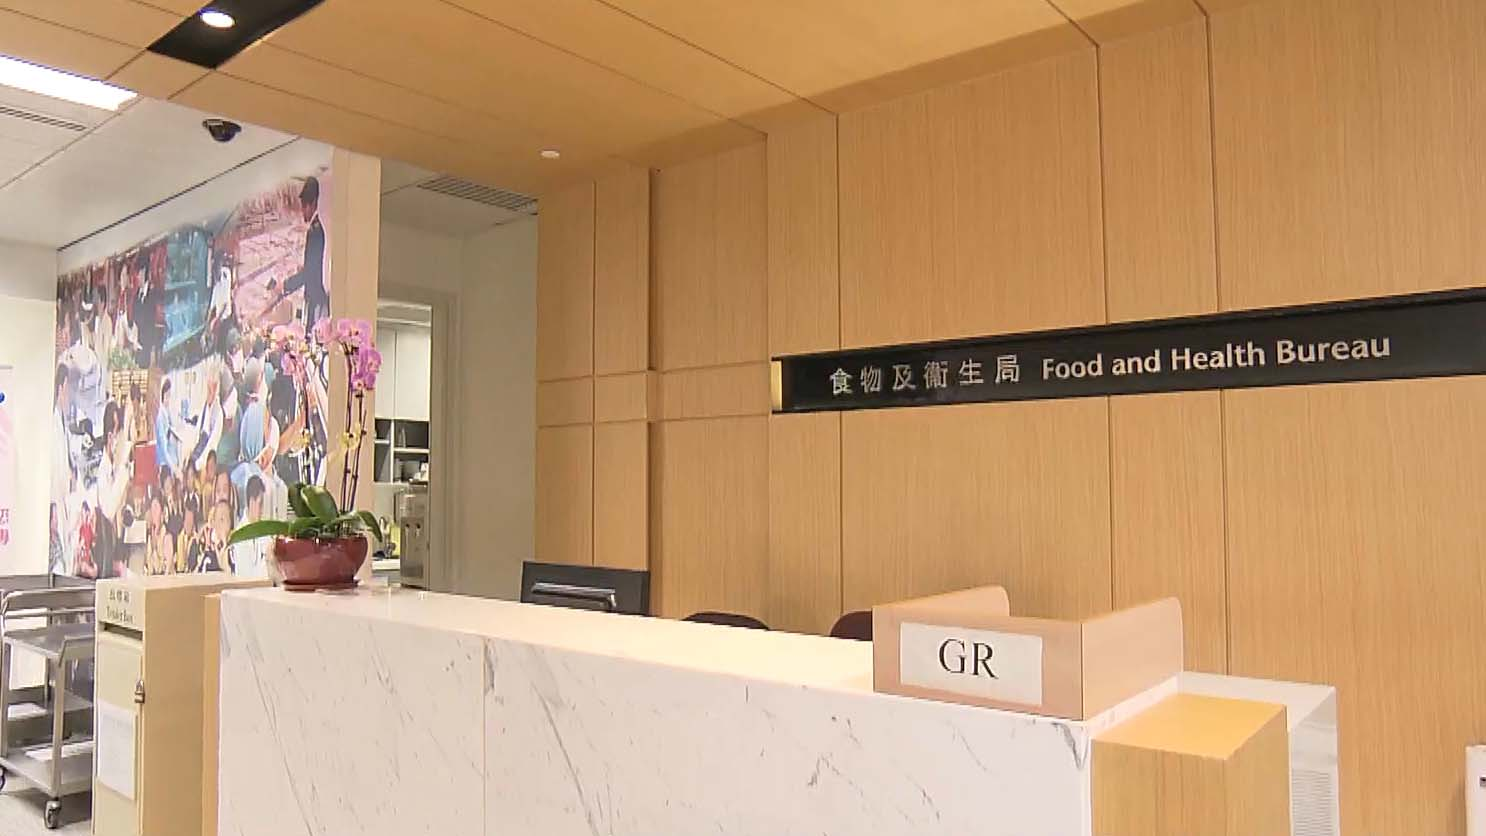 約800市民未收到陰性檢測結果 食衞局致歉